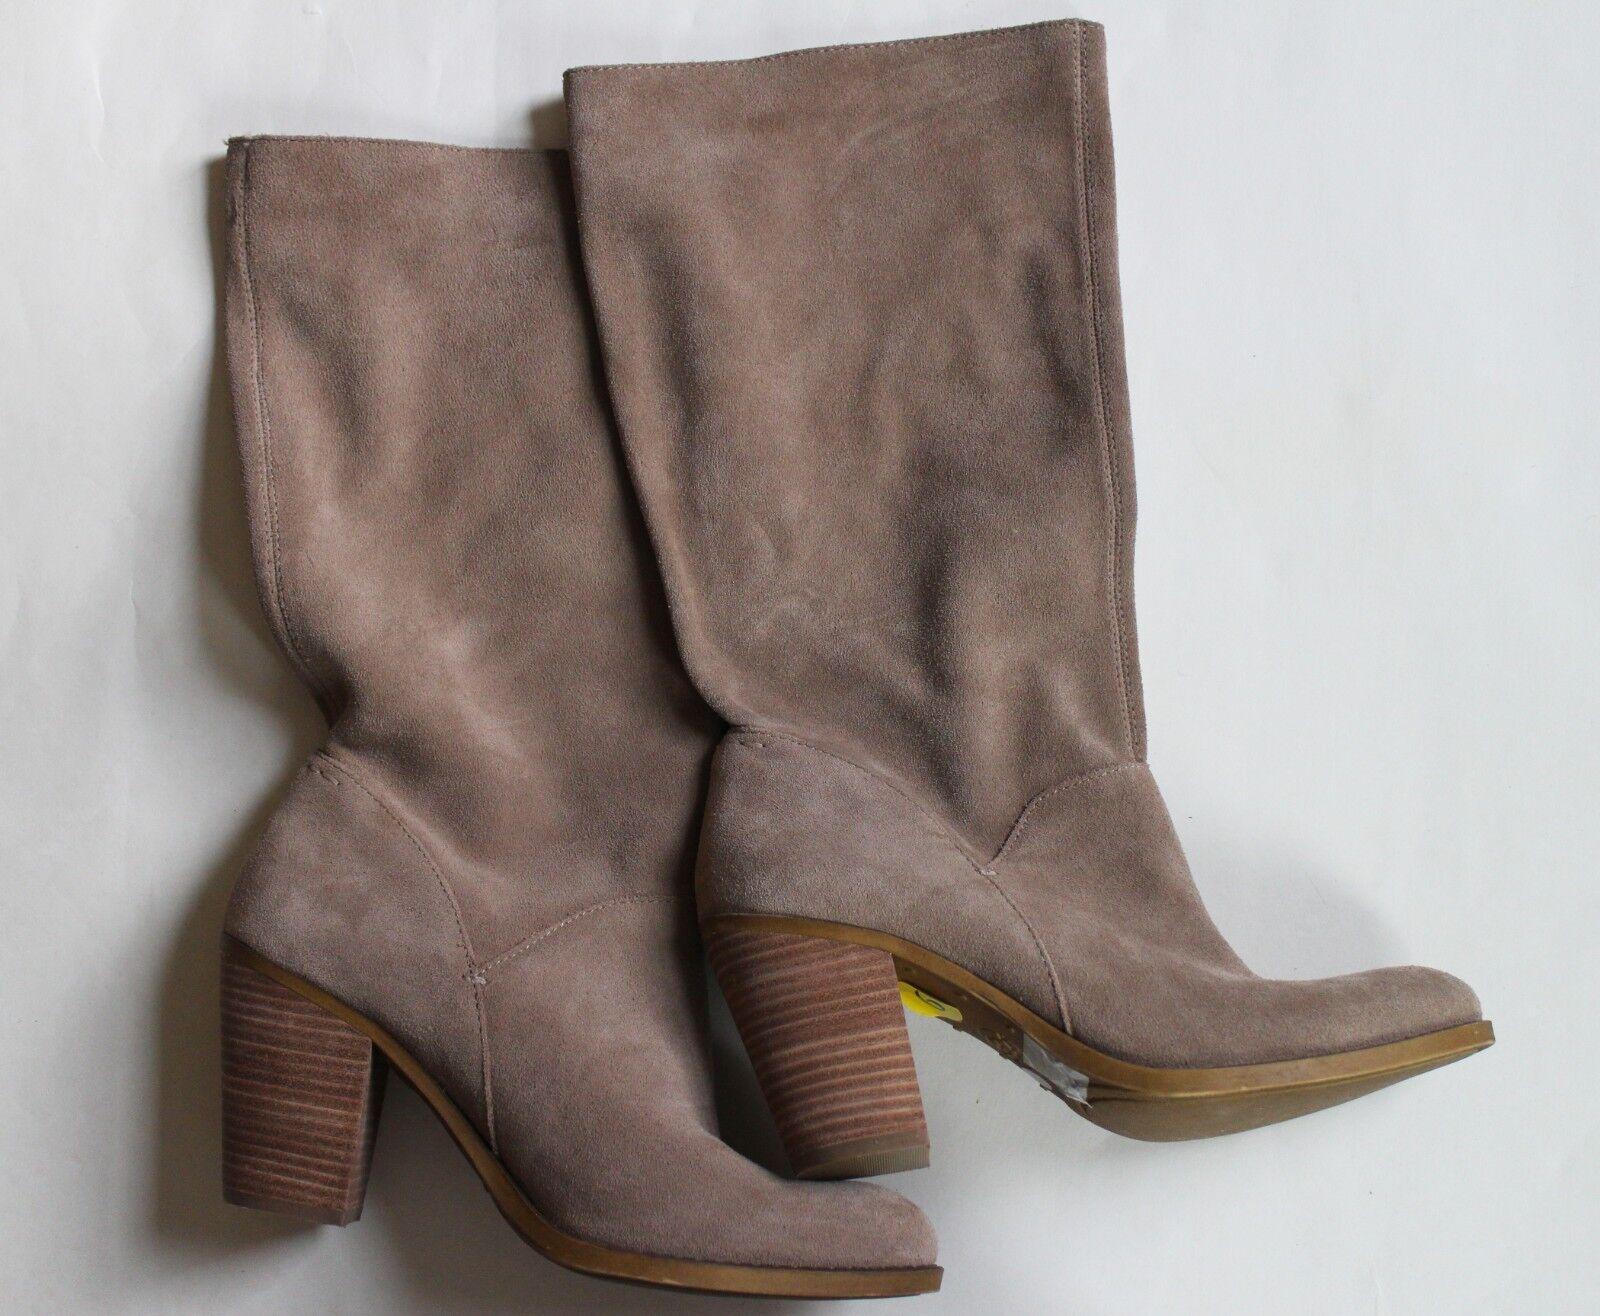 Gamuza Lucky Brand botas de vaquero occidental Suave Slouchy